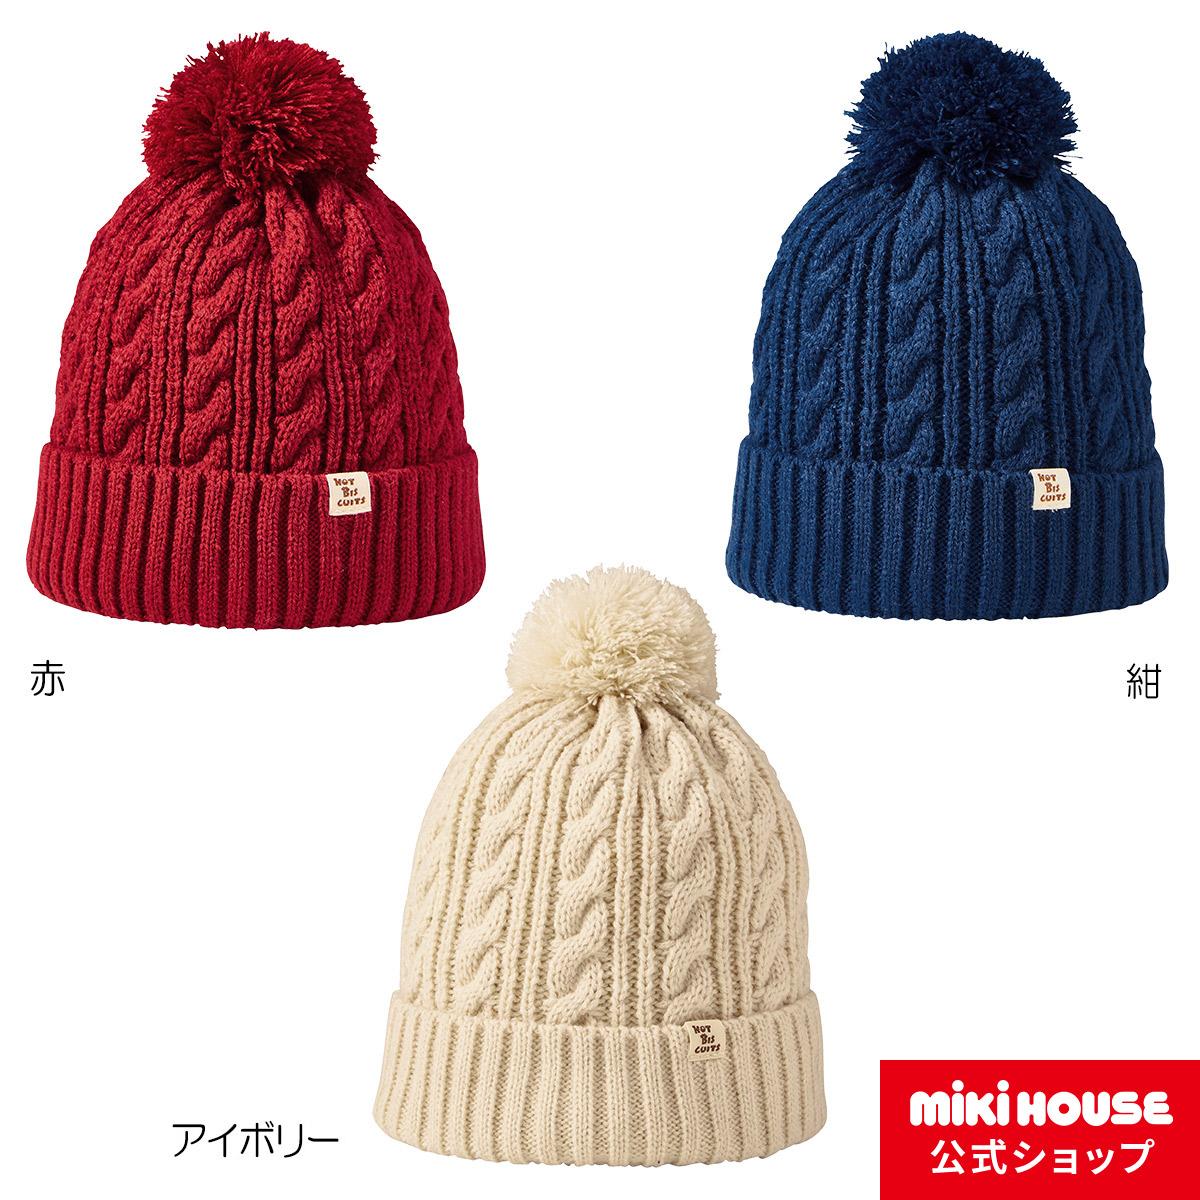 新着商品 ホットビスケッツ ケーブル編みニットフード(帽子) ¥2,530